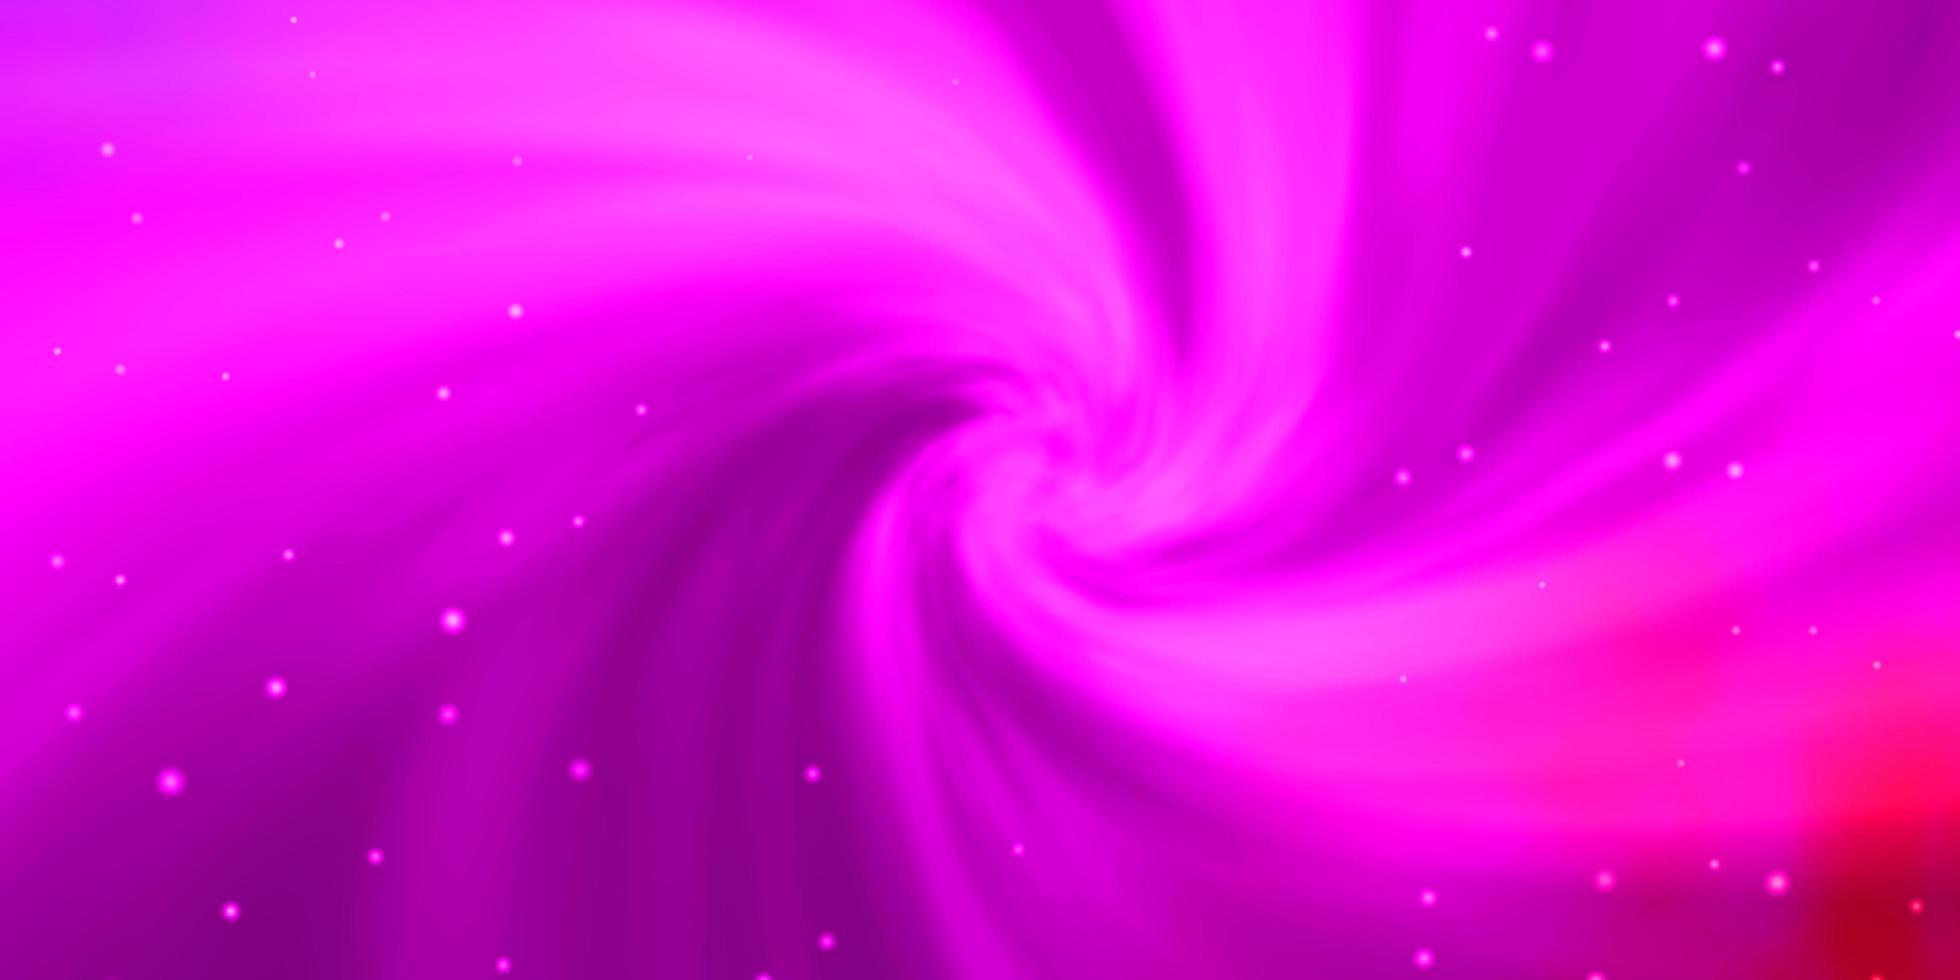 hellpurpurner, rosa Vektorhintergrund mit kleinen und großen Sternen. vektor